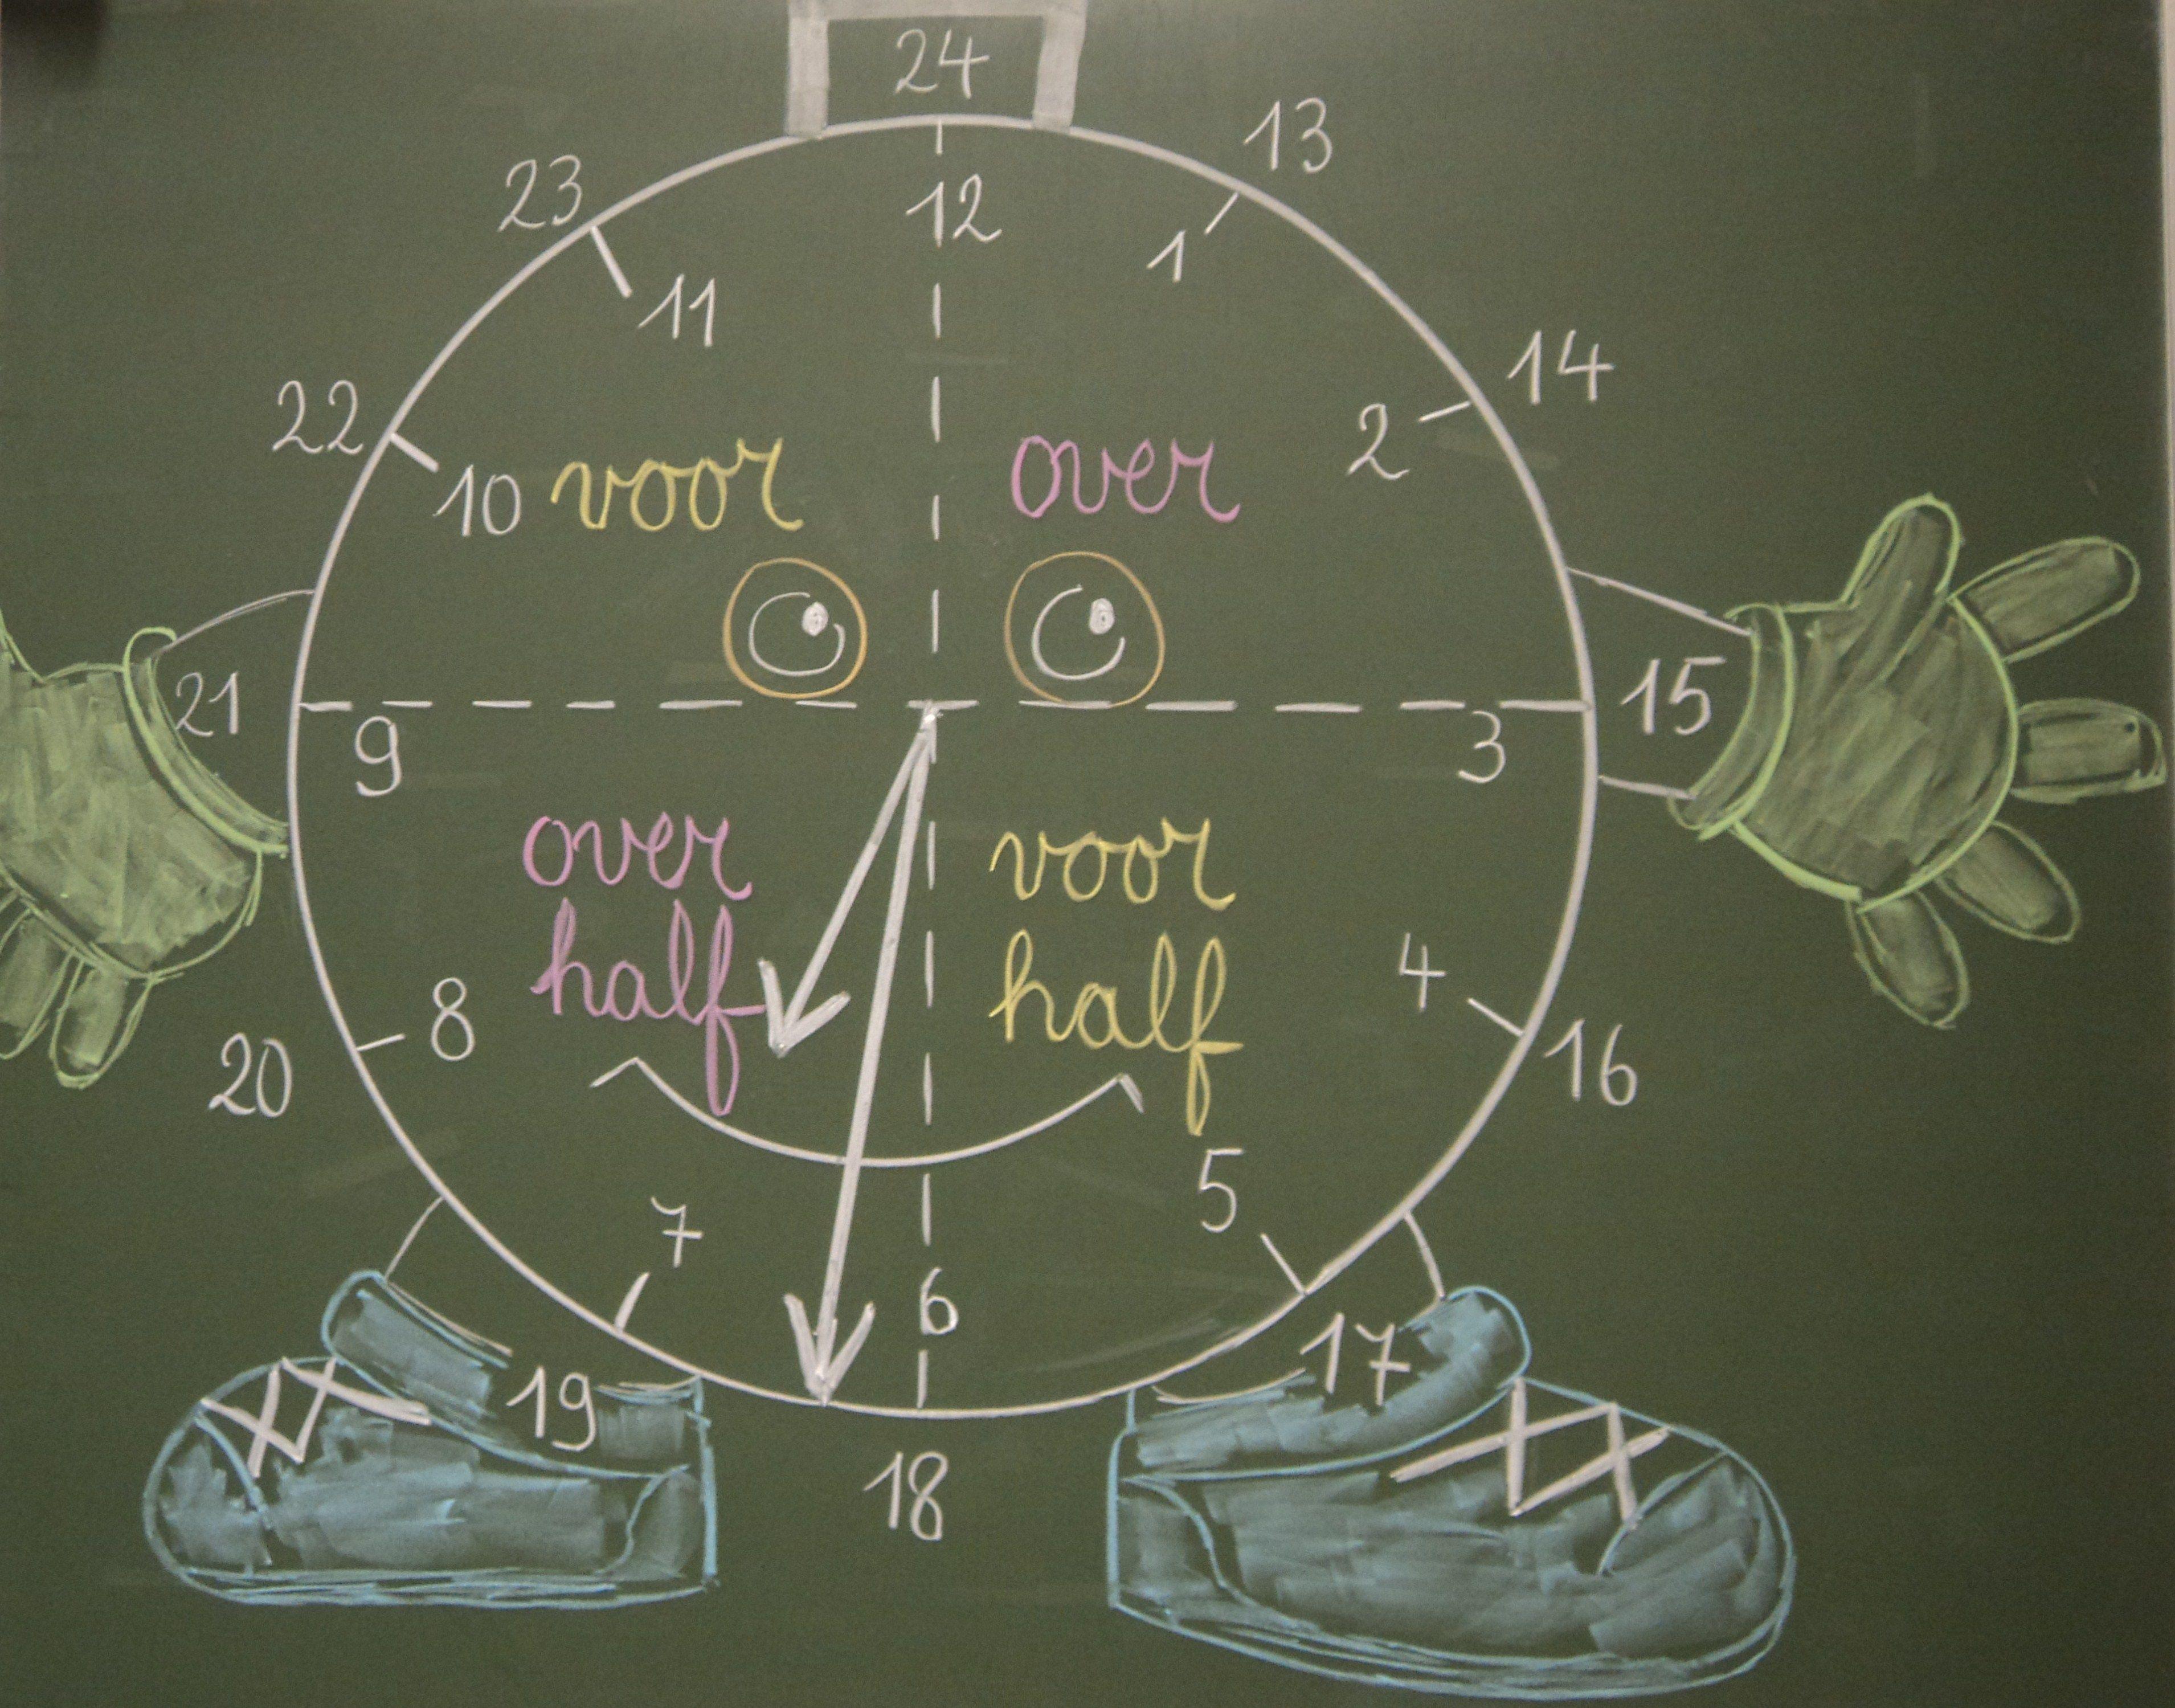 Klokkijken is niet altijd makkelijk...! | Rekenen ...